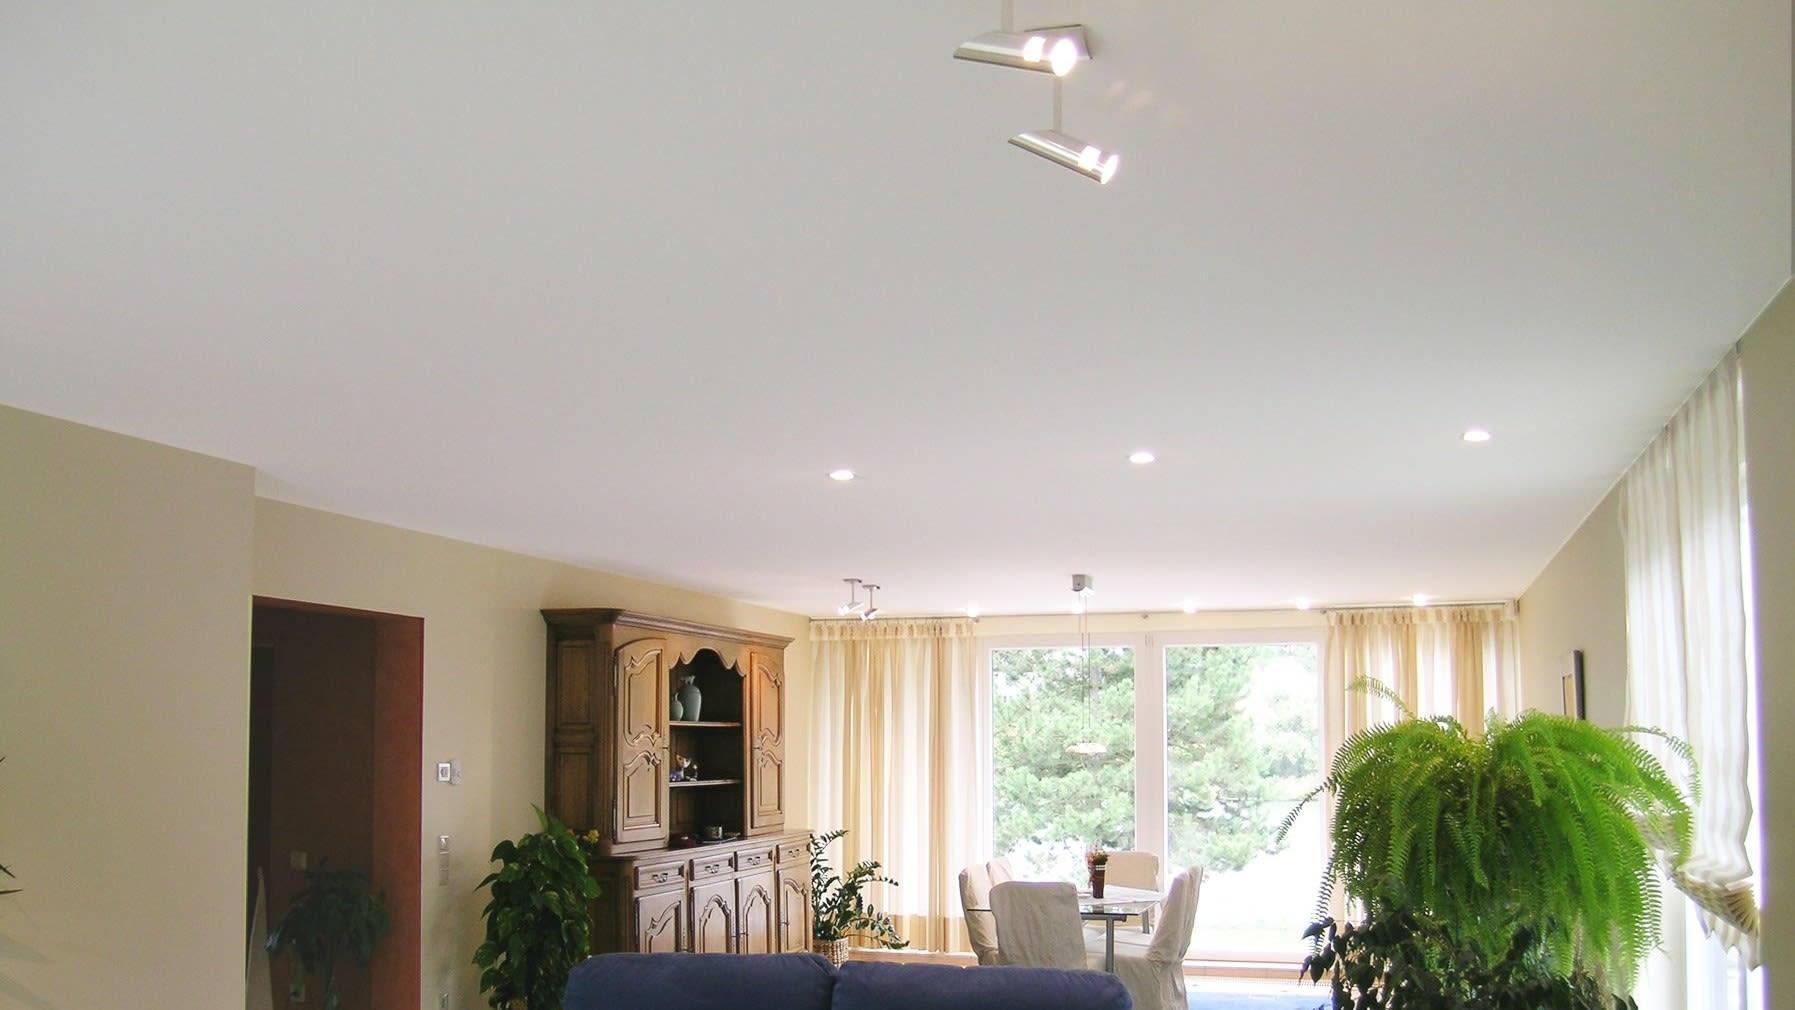 Gestalten Sie Ihre Räume neu - mit einer hinerleuchteten Spanndecke